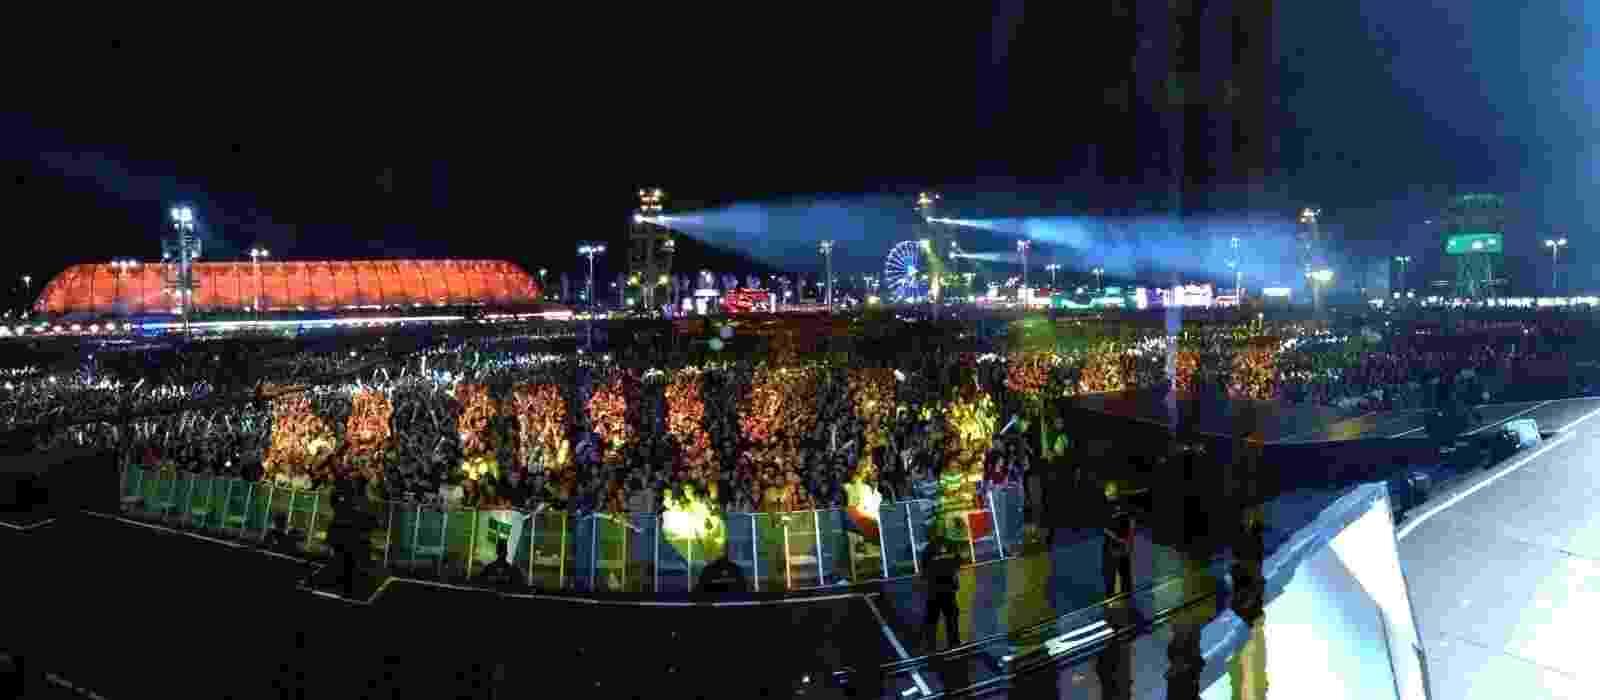 20.set.2015 - Vista do Palco Mundo durante apresentação do Os Paralamas do Sucesso - Robinho/Paralamas do Sucesso